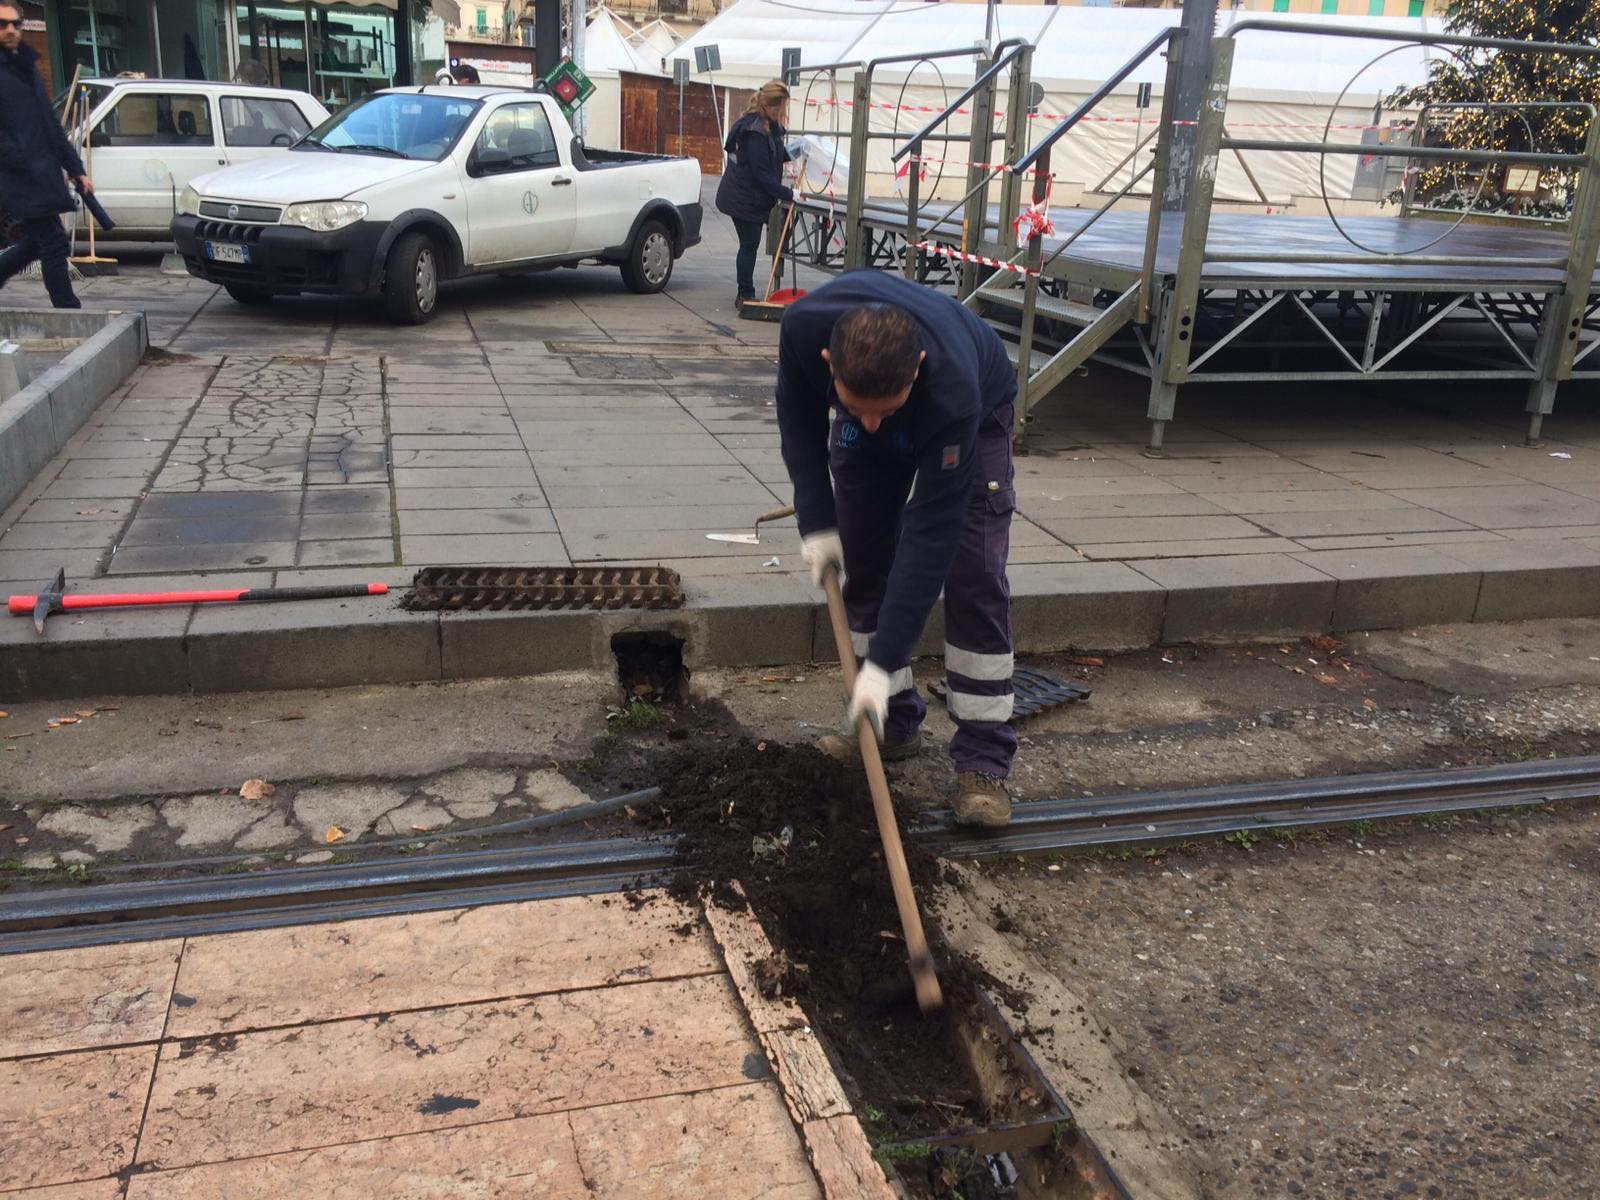 lavori AMAM per riattivare i giochi d'acqua di piazza cairoli a messina